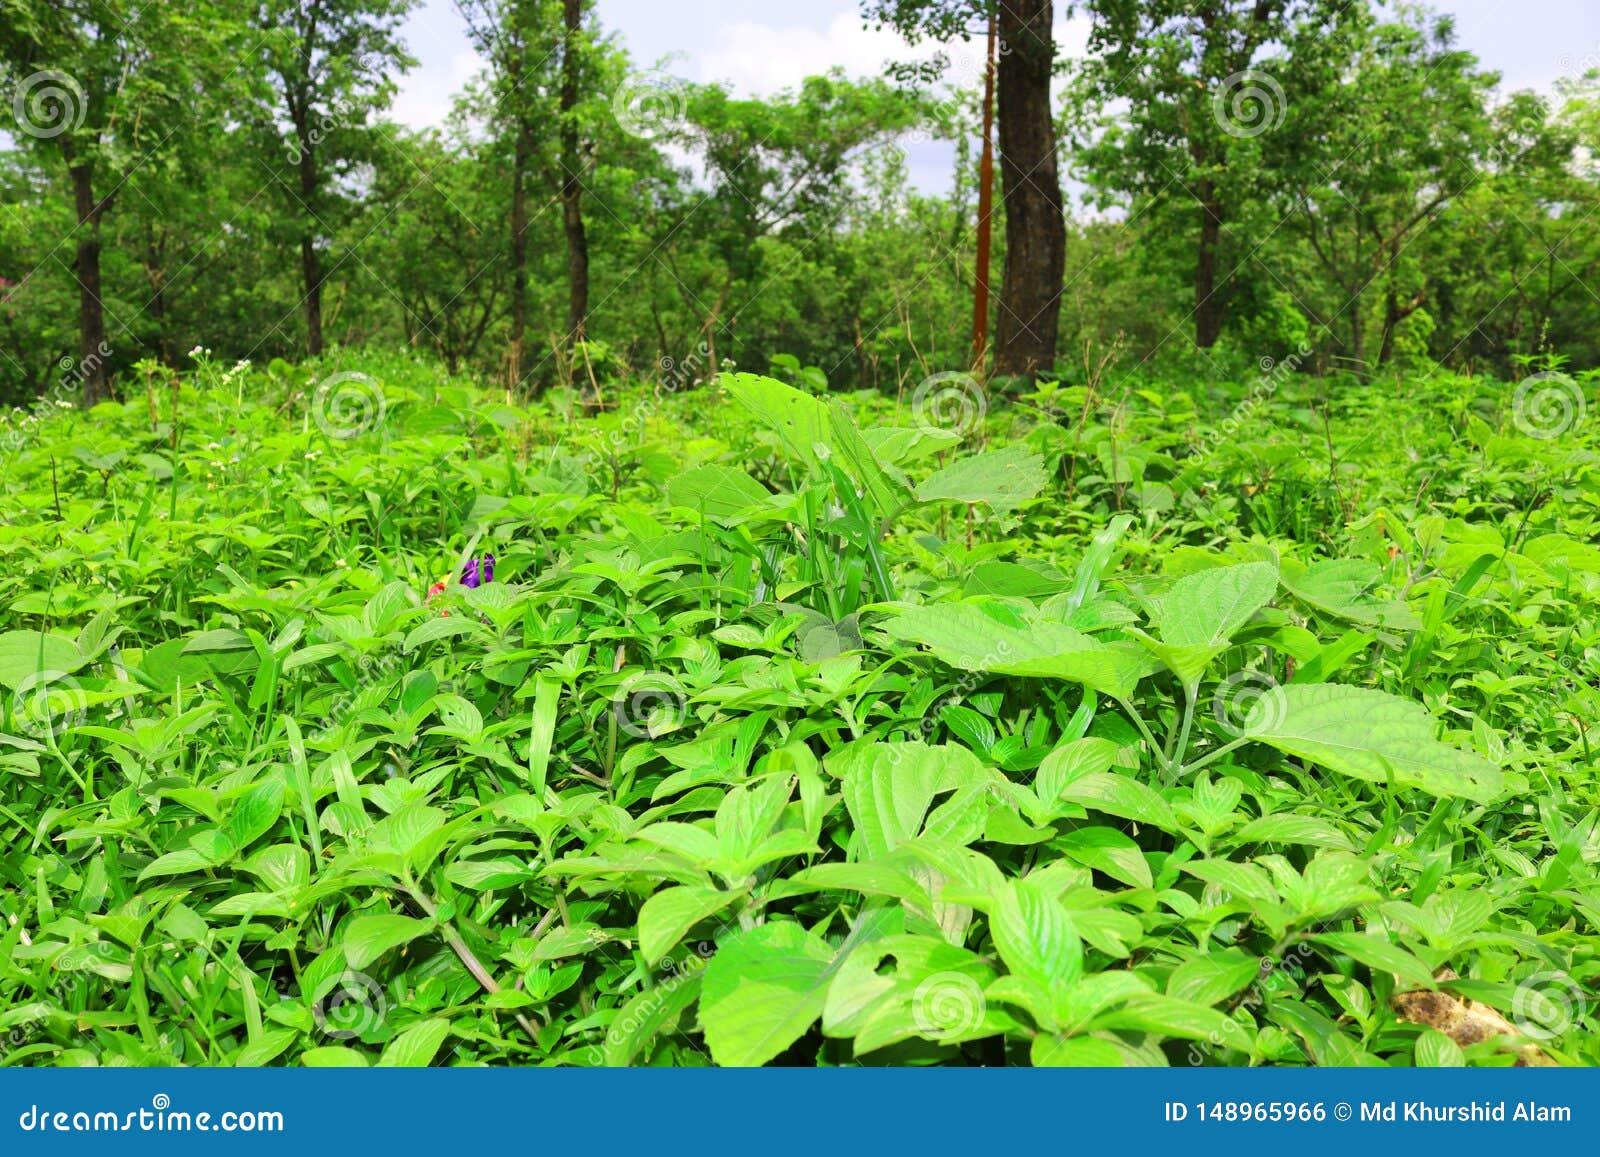 Лес и зеленое дерево джунглей Красивый естественный пейзаж Глубокие тропические джунгли r Предпосылка падения Солнечный свет леса